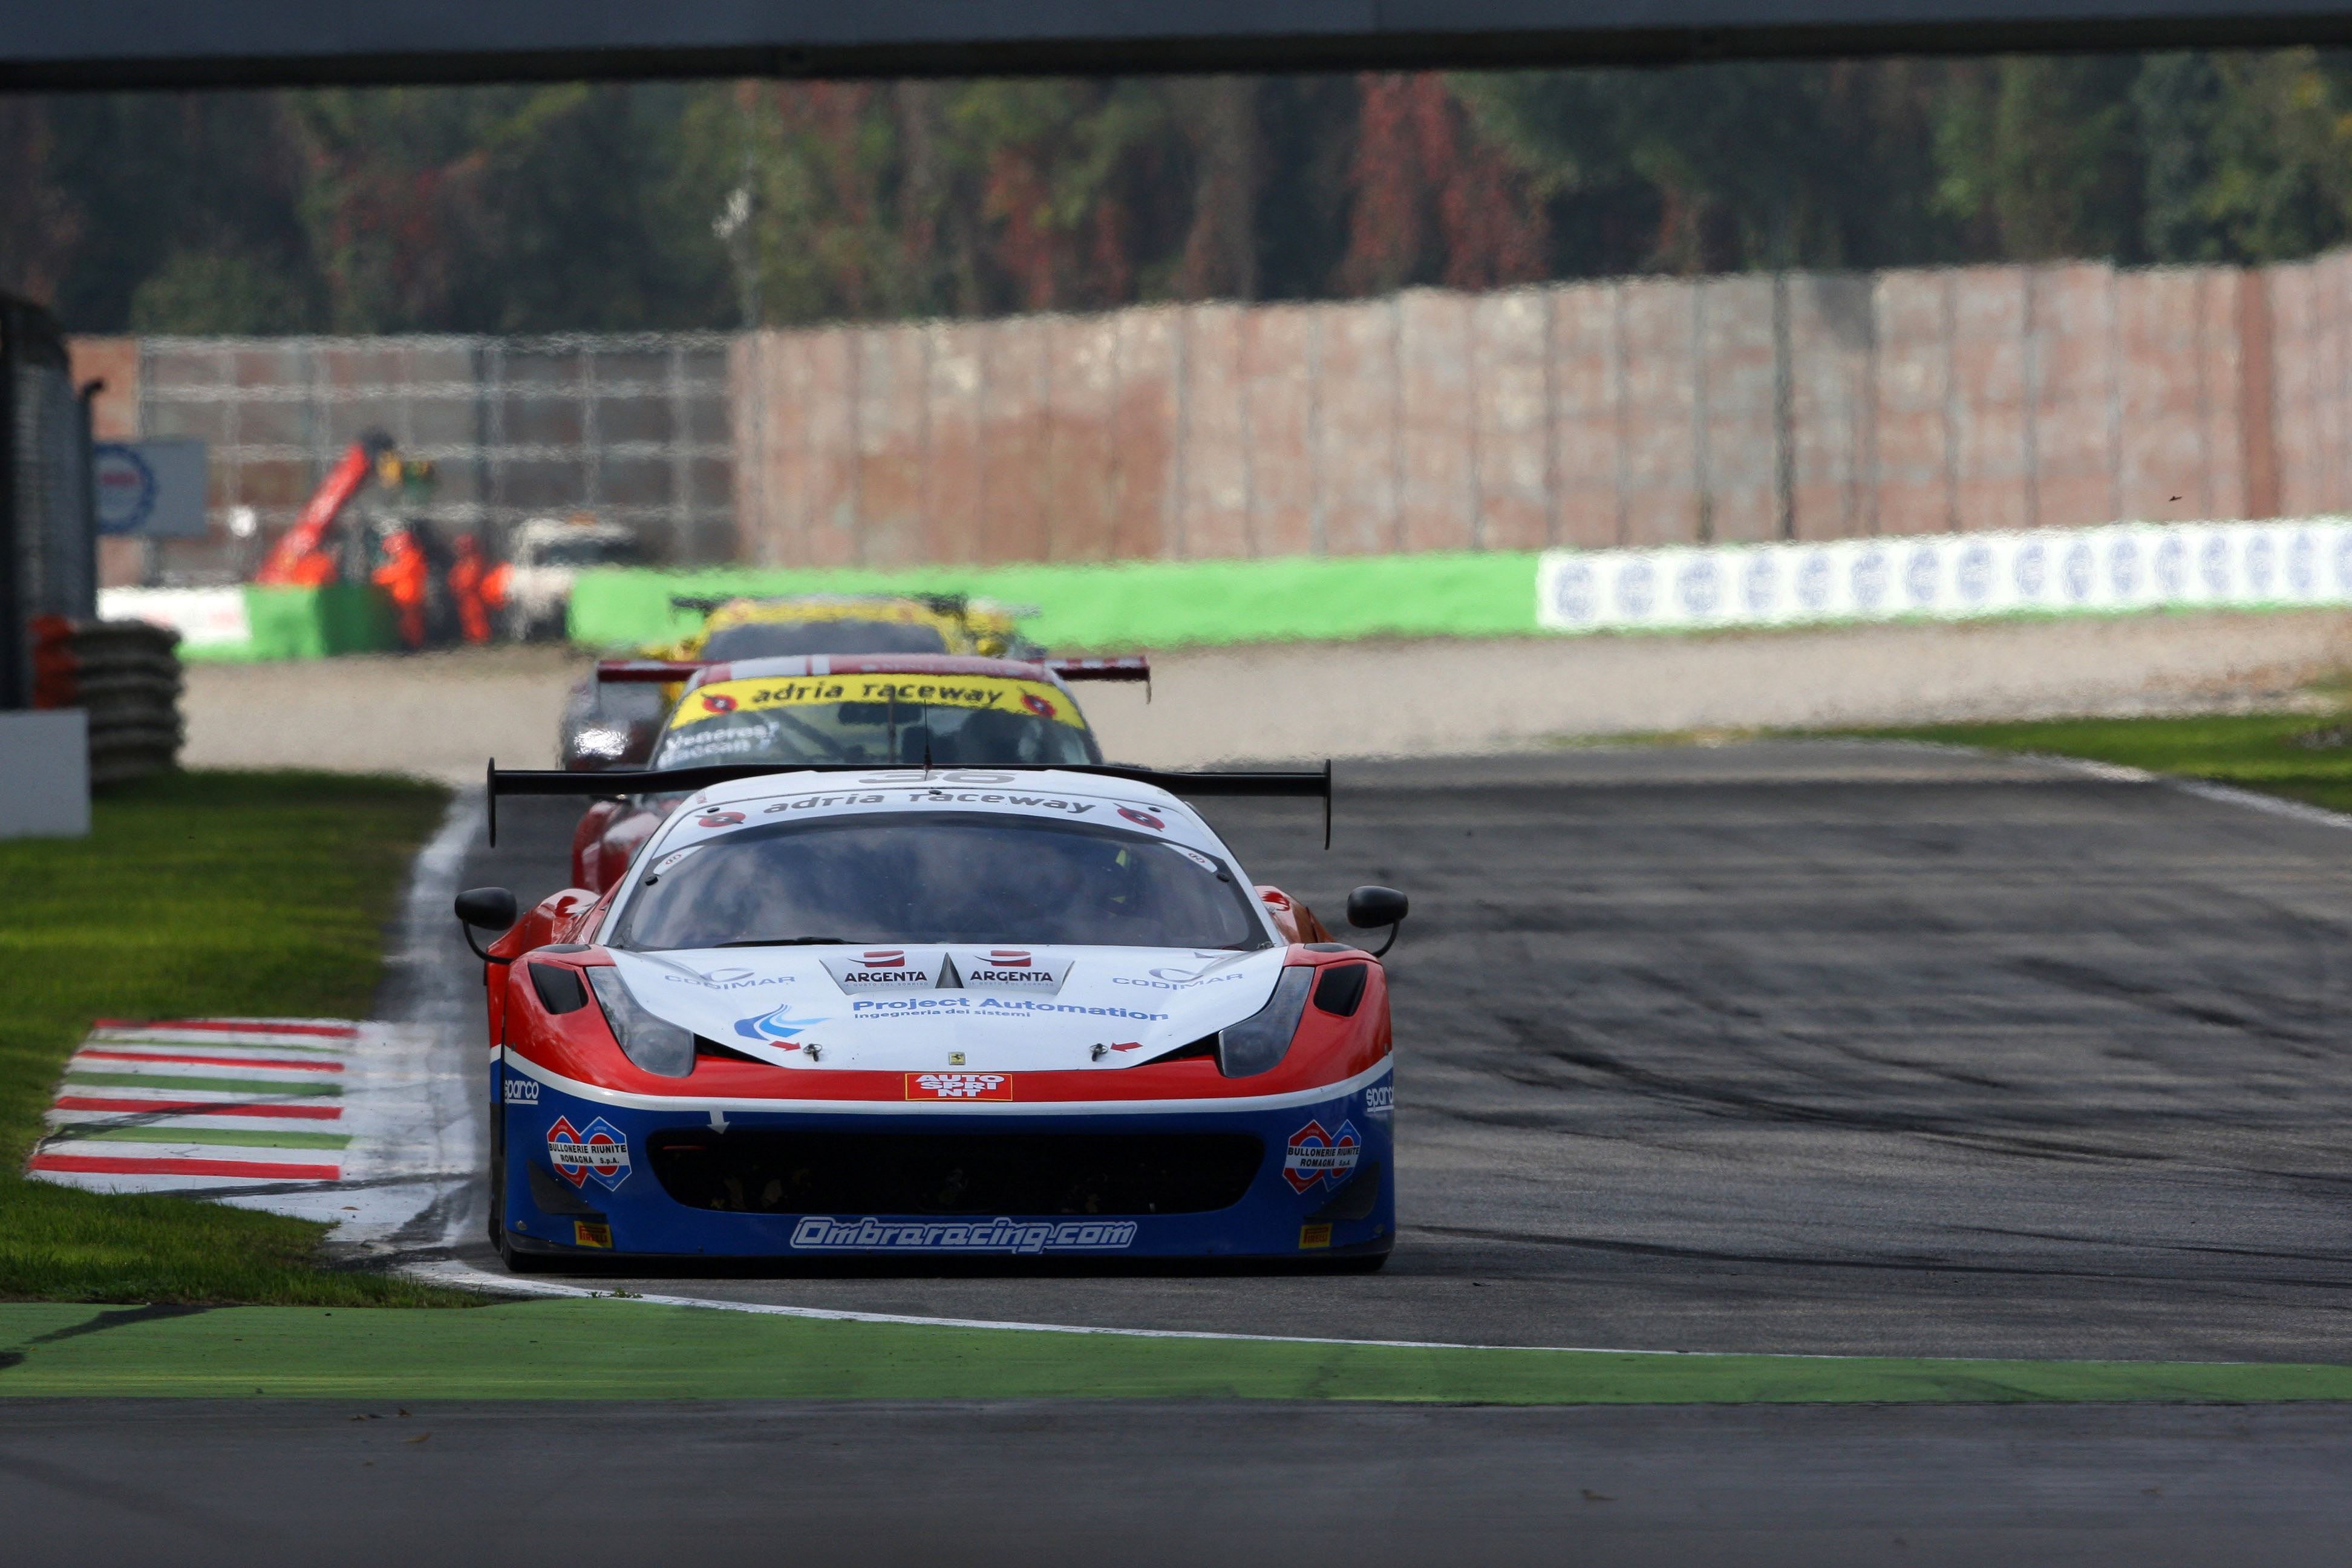 GT: la Ferrari vince il Costruttori. Titolo Piloti in sospeso…